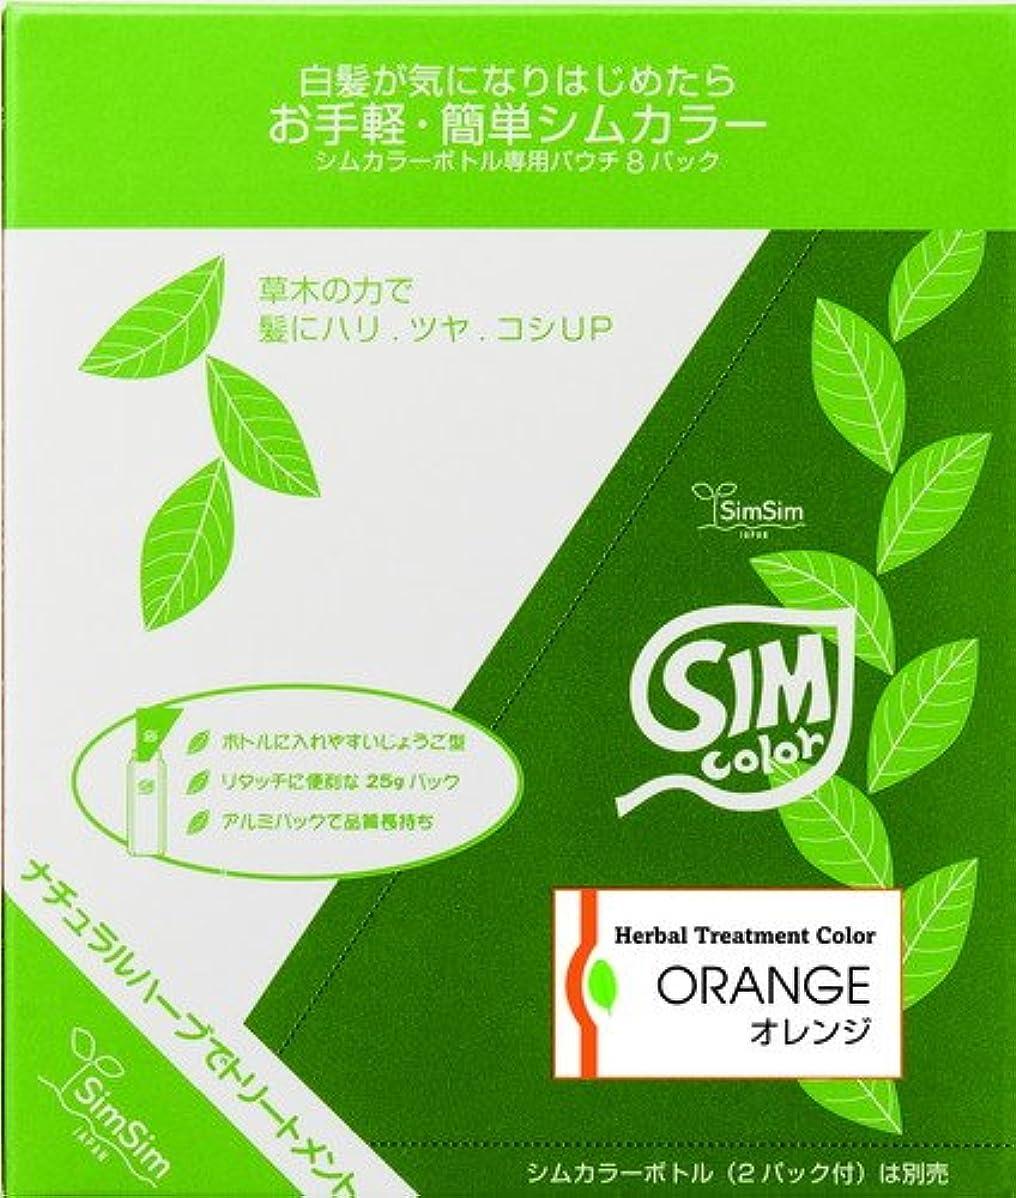 夏防止アークSimSim(シムシム)お手軽簡単シムカラーエクストラ(EX)25g 8袋 オレンジ